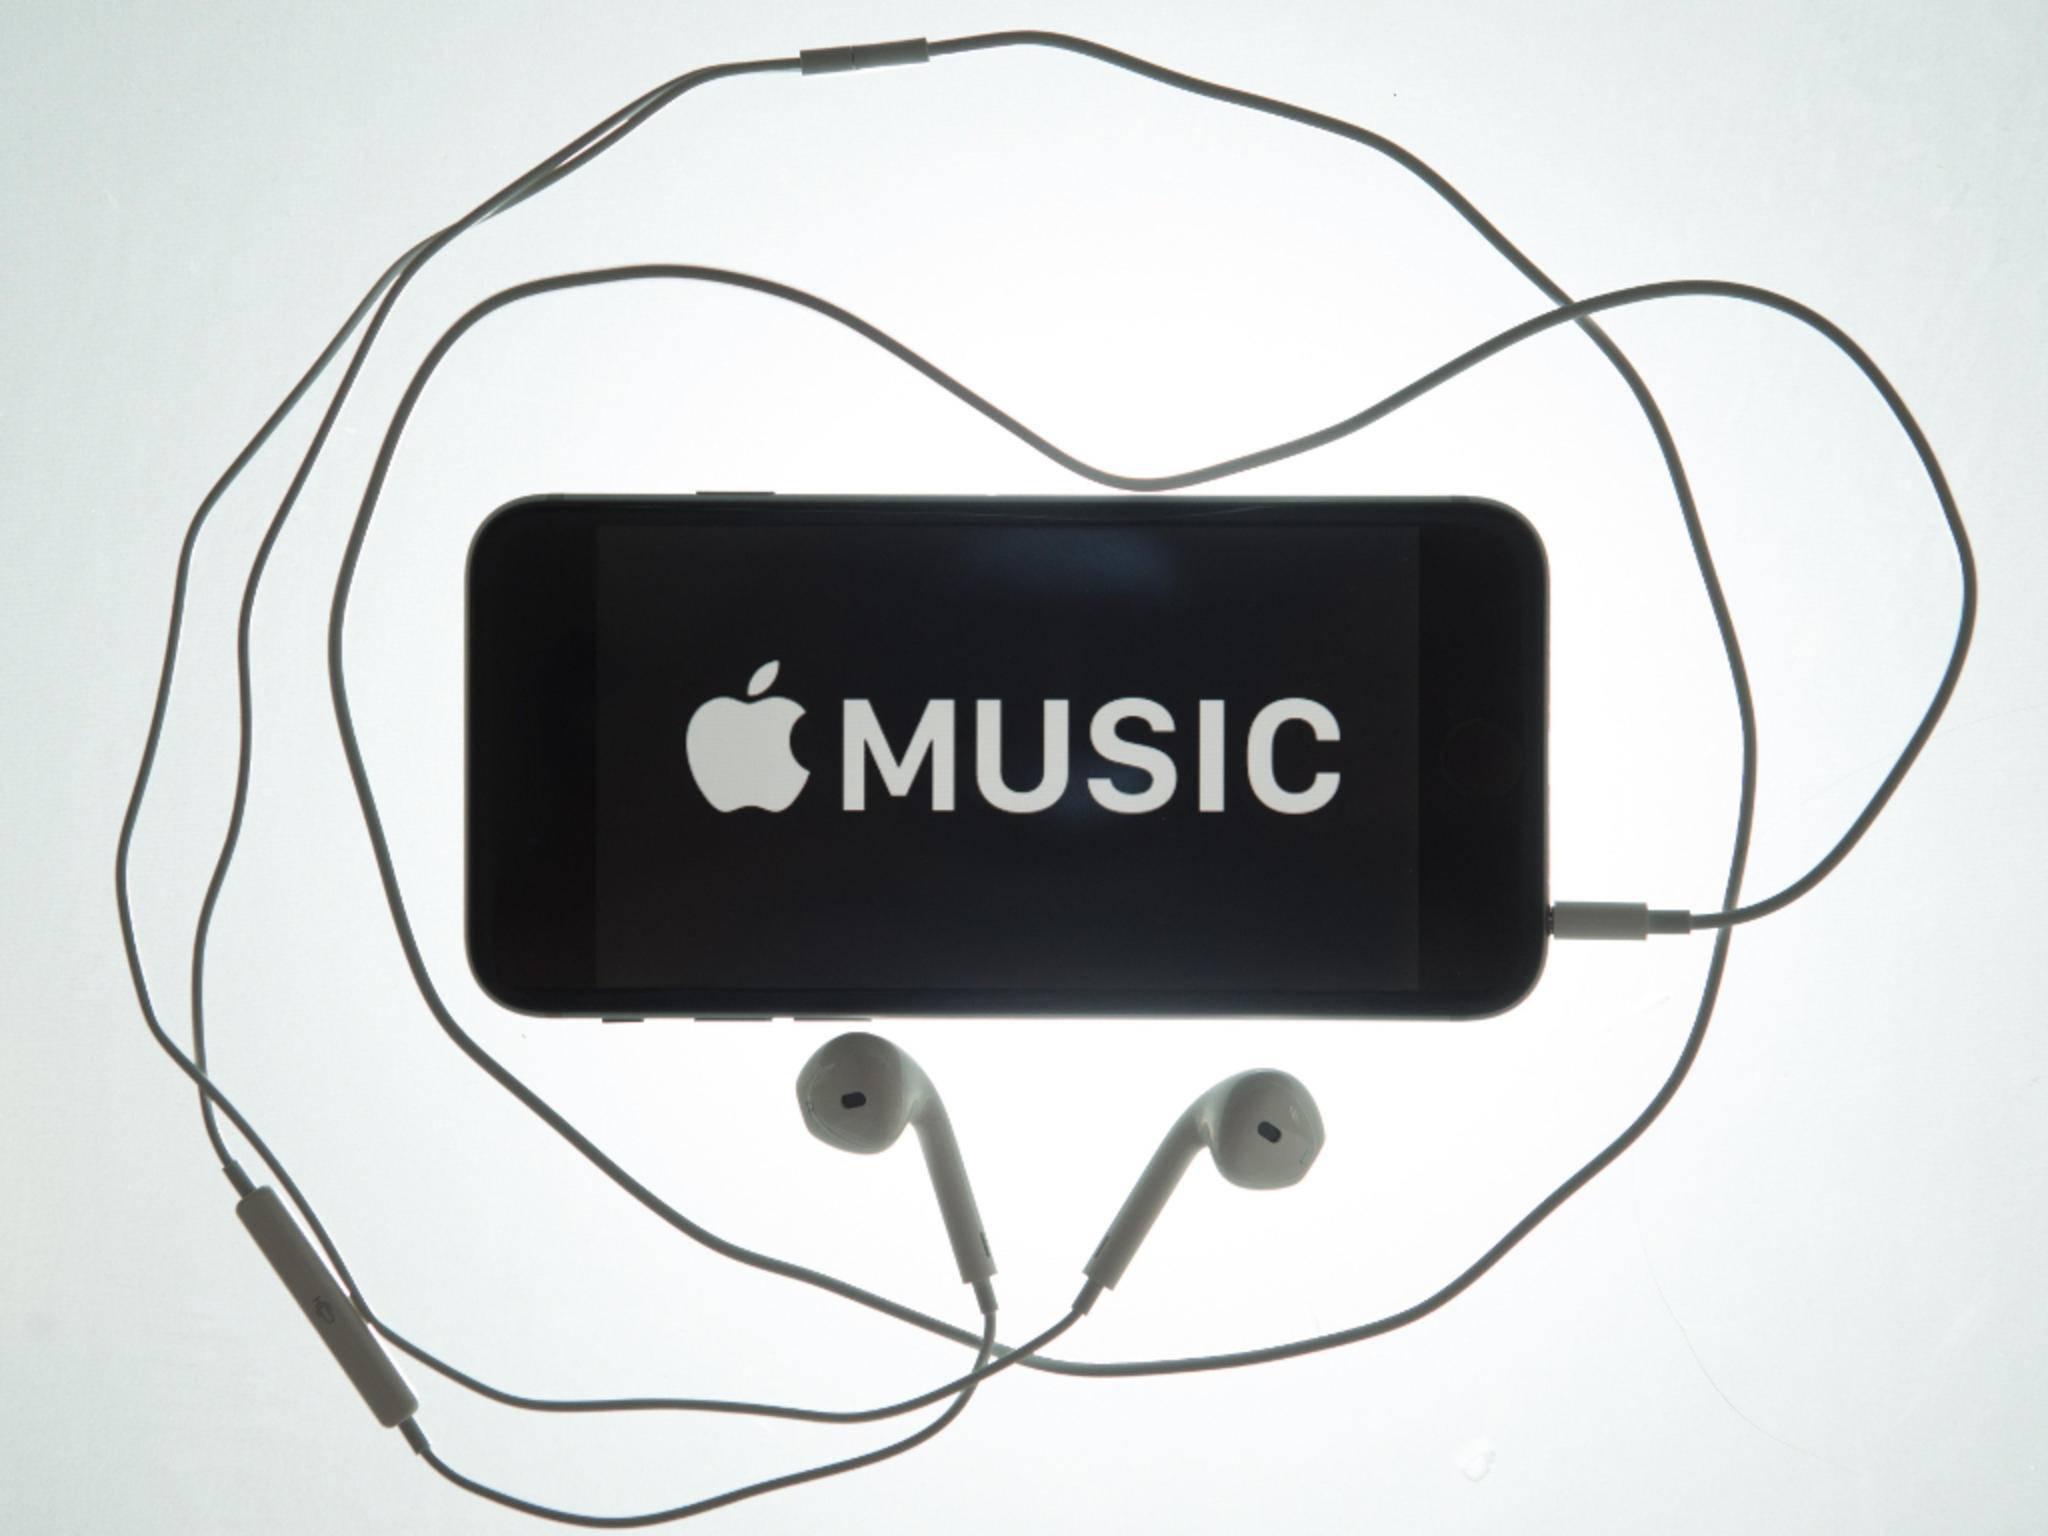 Mit Apple Music attackiert der iPhone-Konzern Spotify und Co.